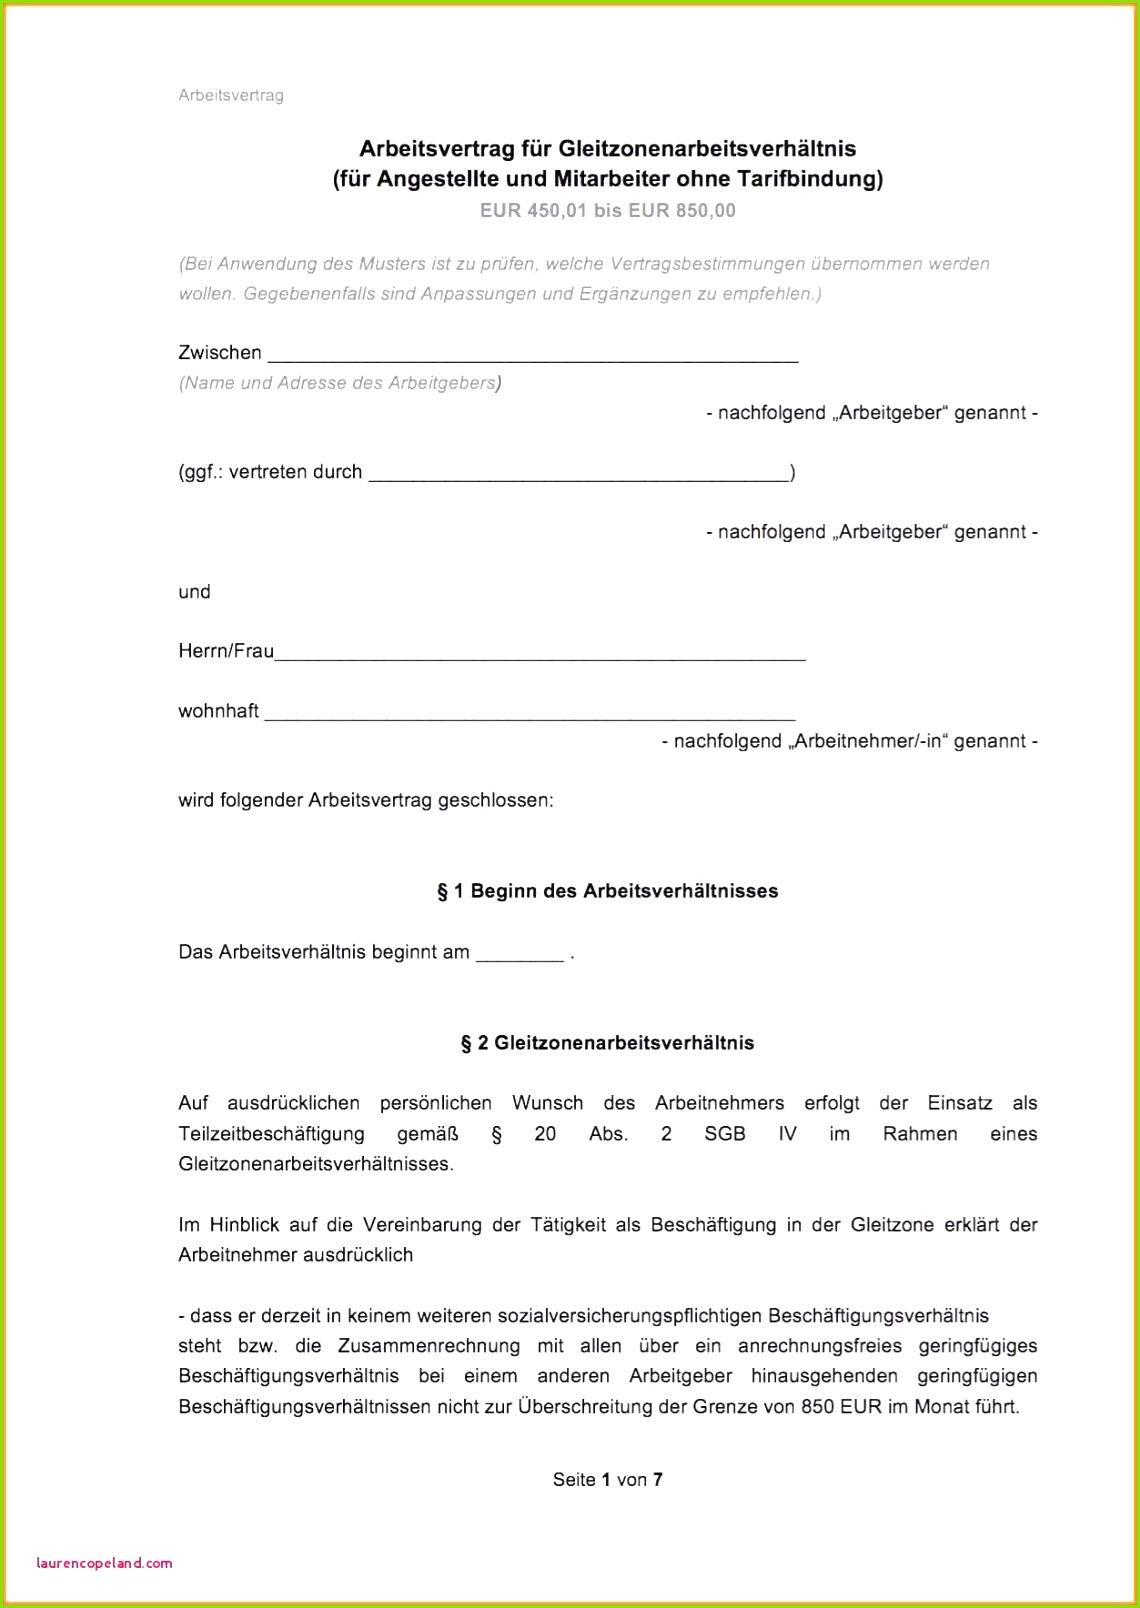 Vereinbarung Zwischen Arbeitgeber Und Arbeitnehmer Luxury Fristlose Kundigung Vorlage Kündigung Arbeitsvertrag Arbeitnehmer